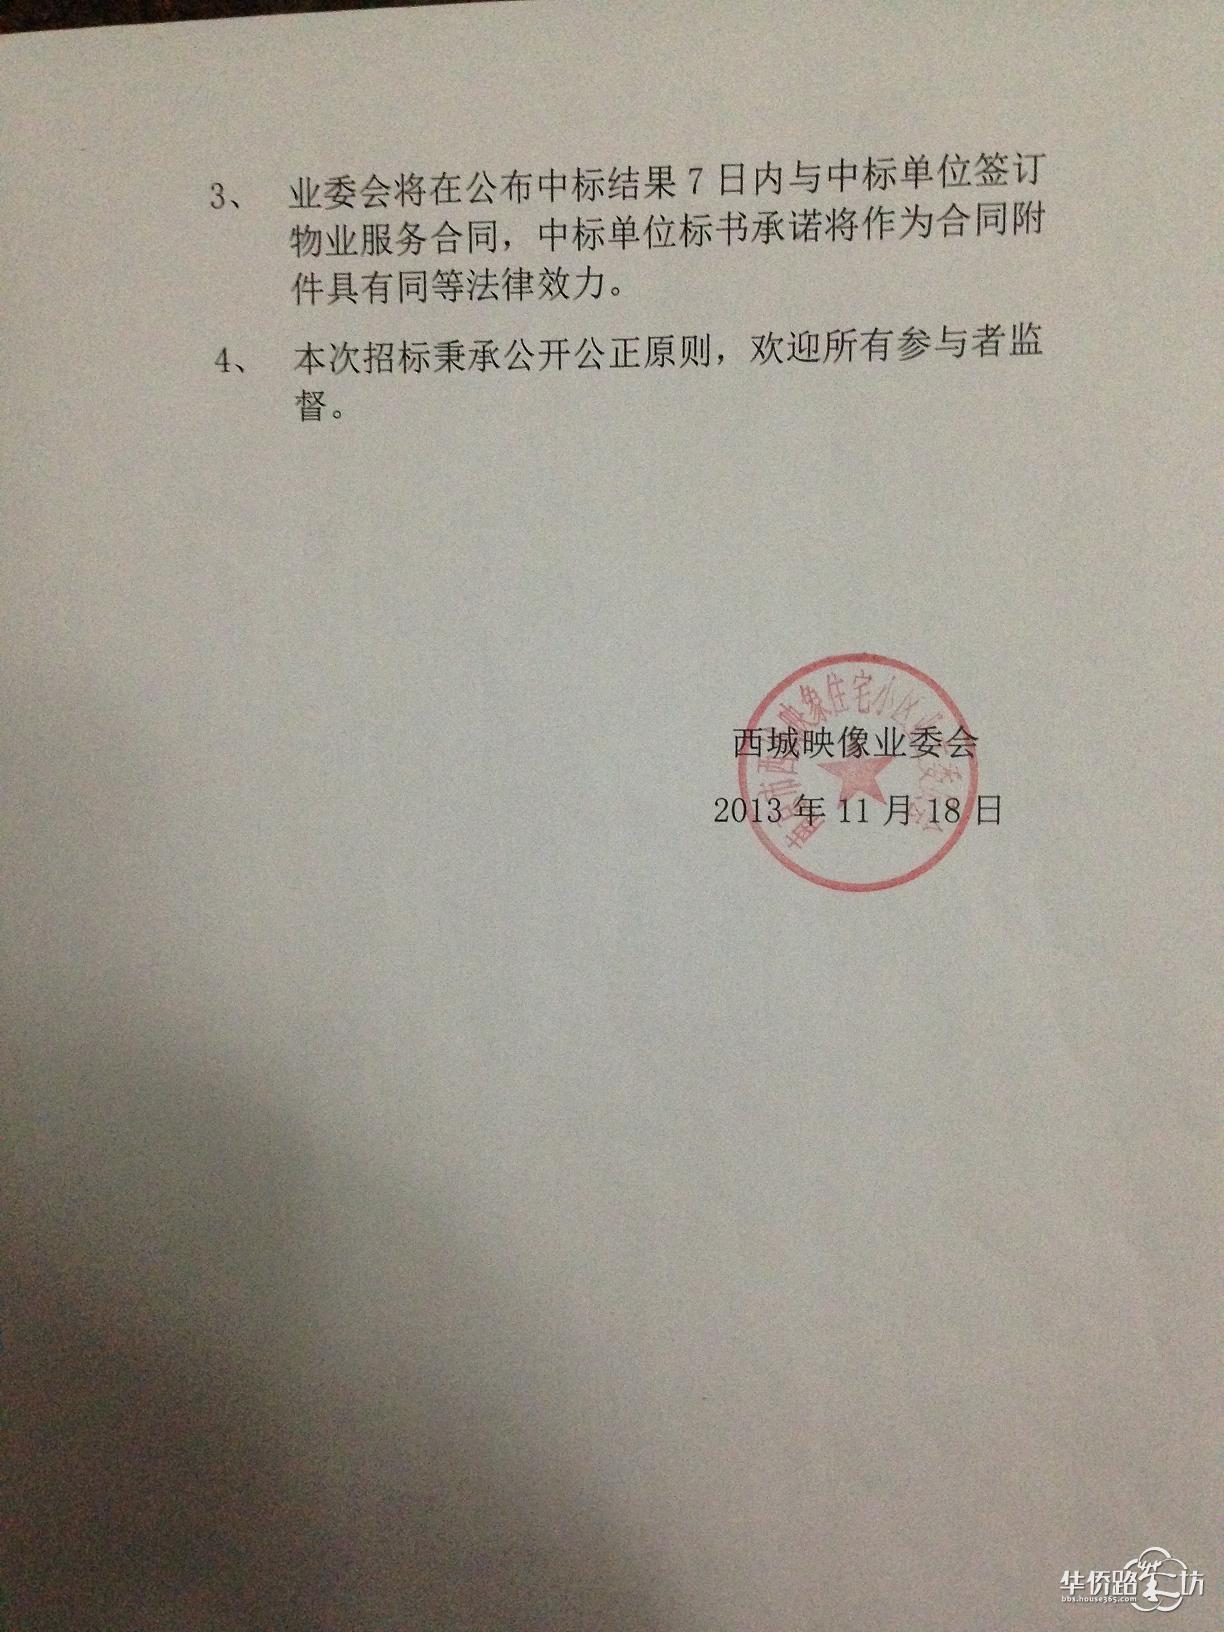 河南正大招标服务有限公司的投标文件范本_招标通知书范本_物业招标文件范本